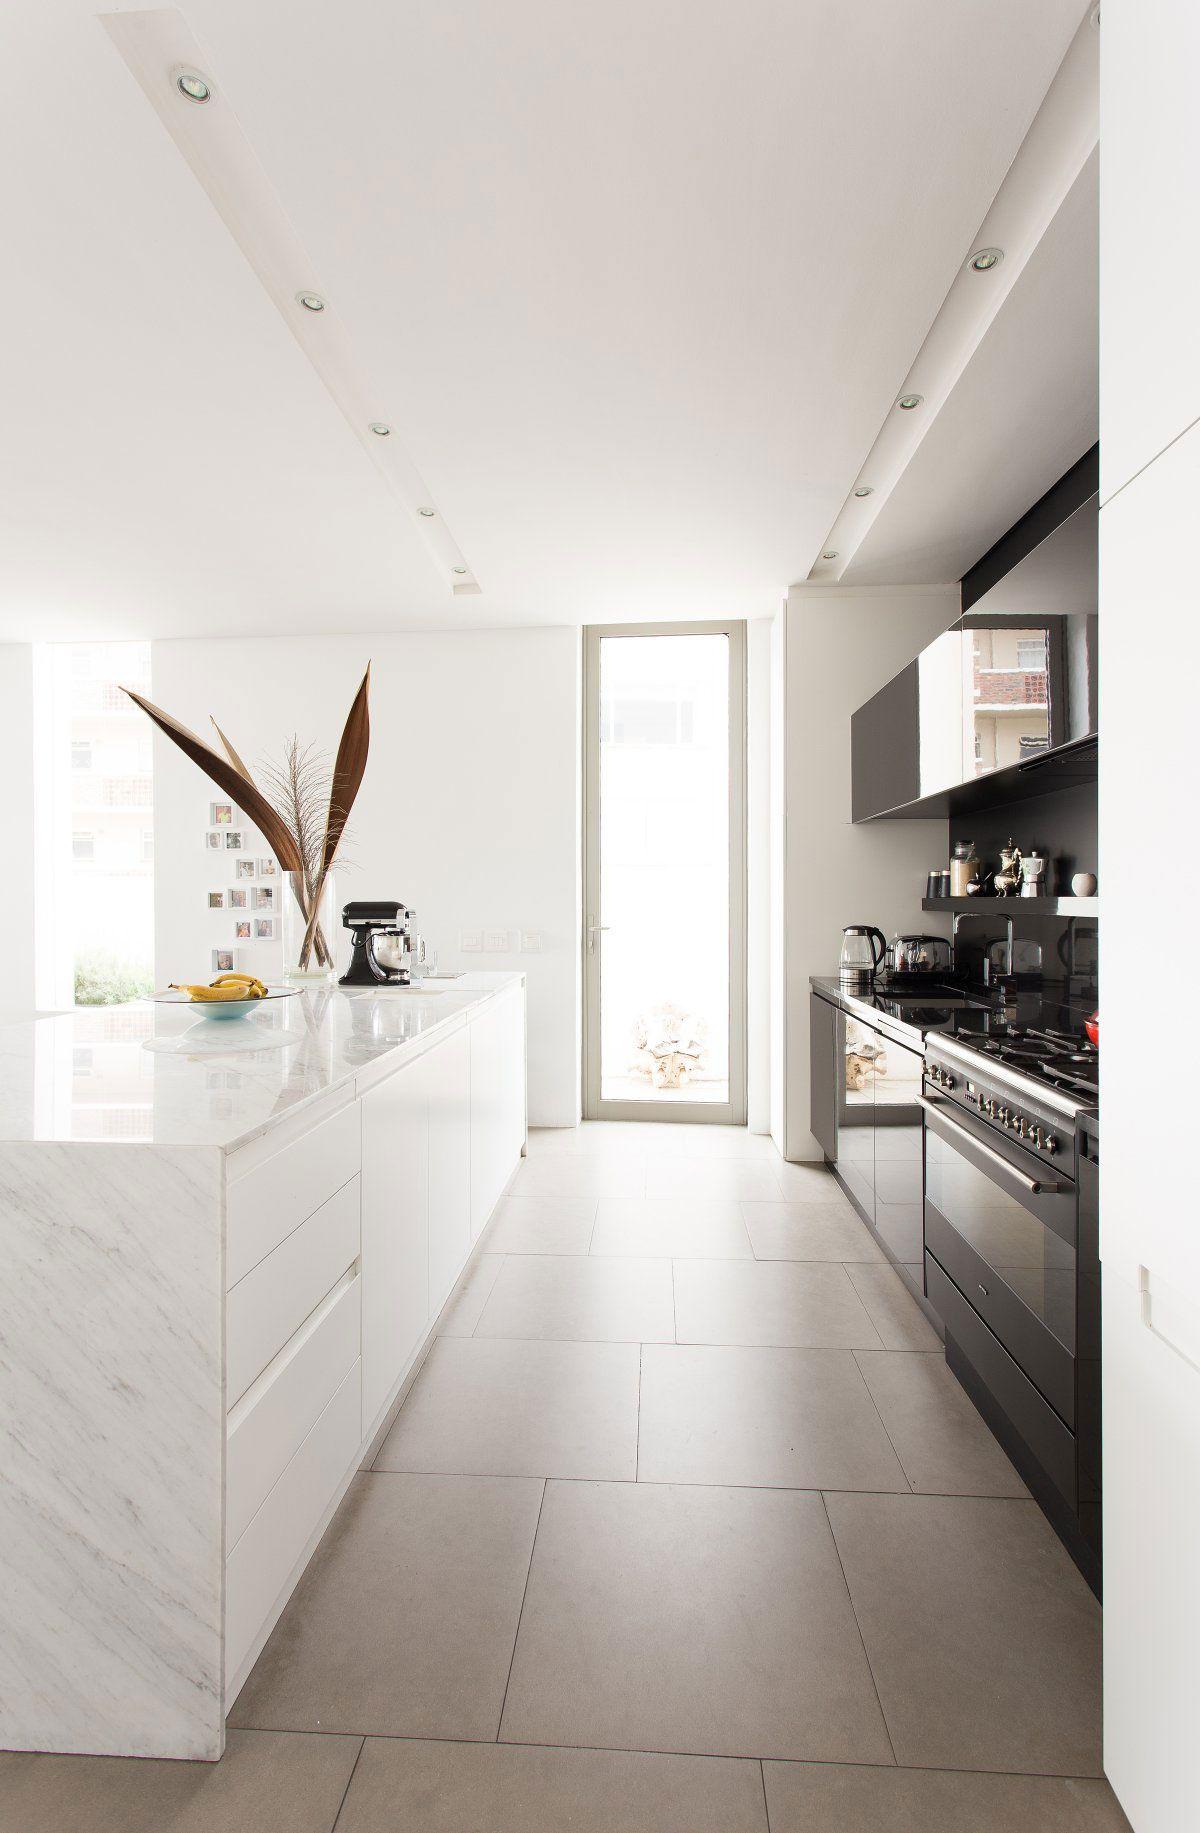 Cucina Bianca E Nera idea cucina bianca e nera con illuminzione a faretti